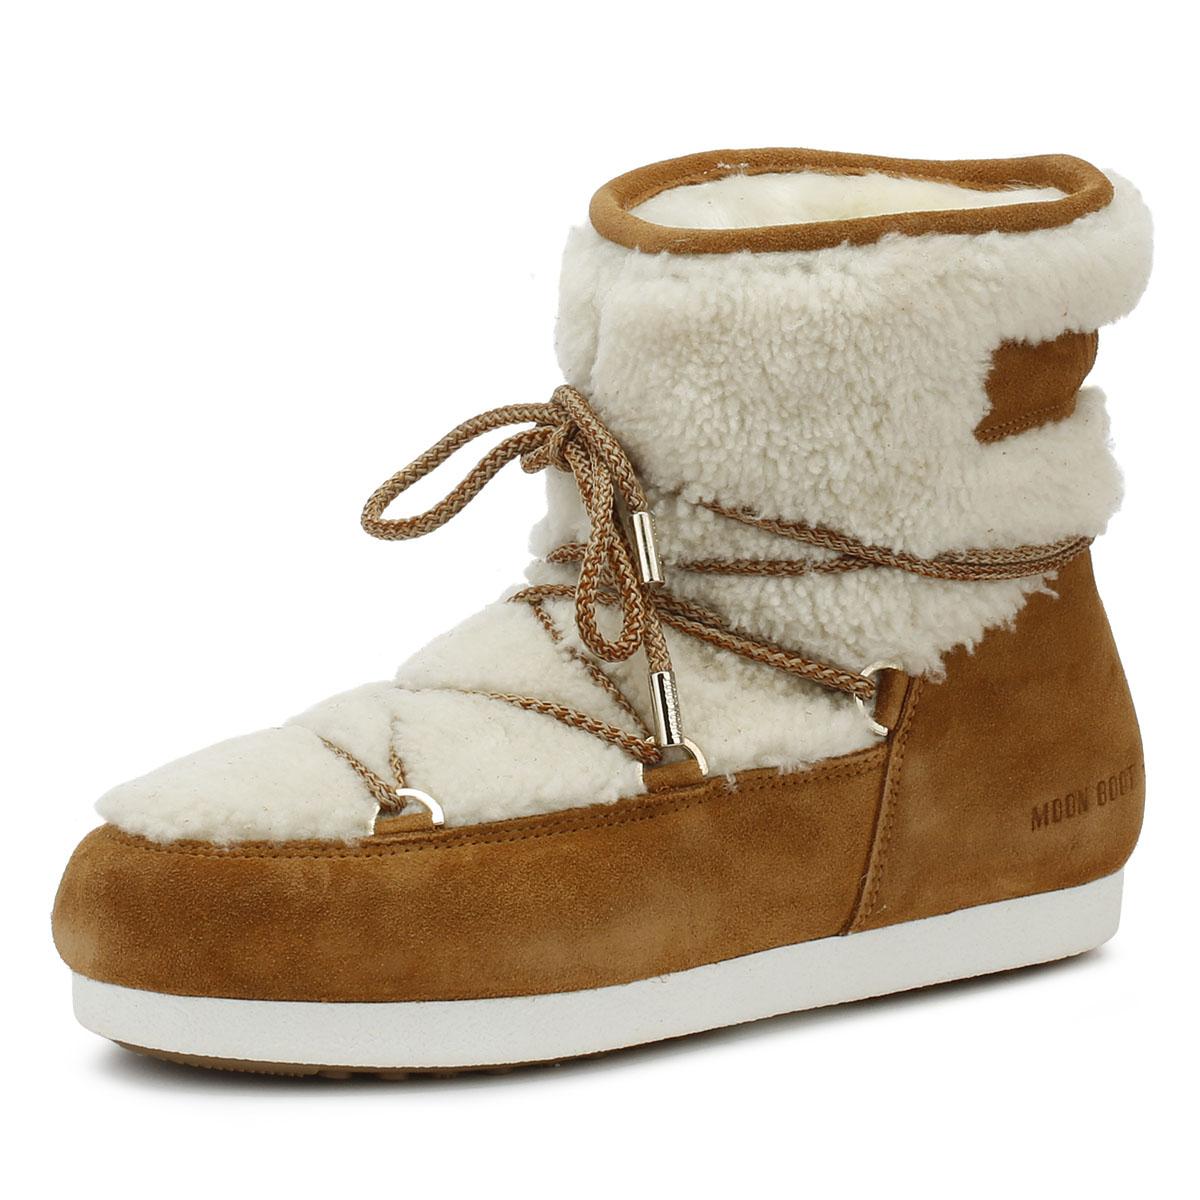 Moon bota lado lejano Baja Mujer botas Zapatos De Nieve tan Shearling caliente de invierno